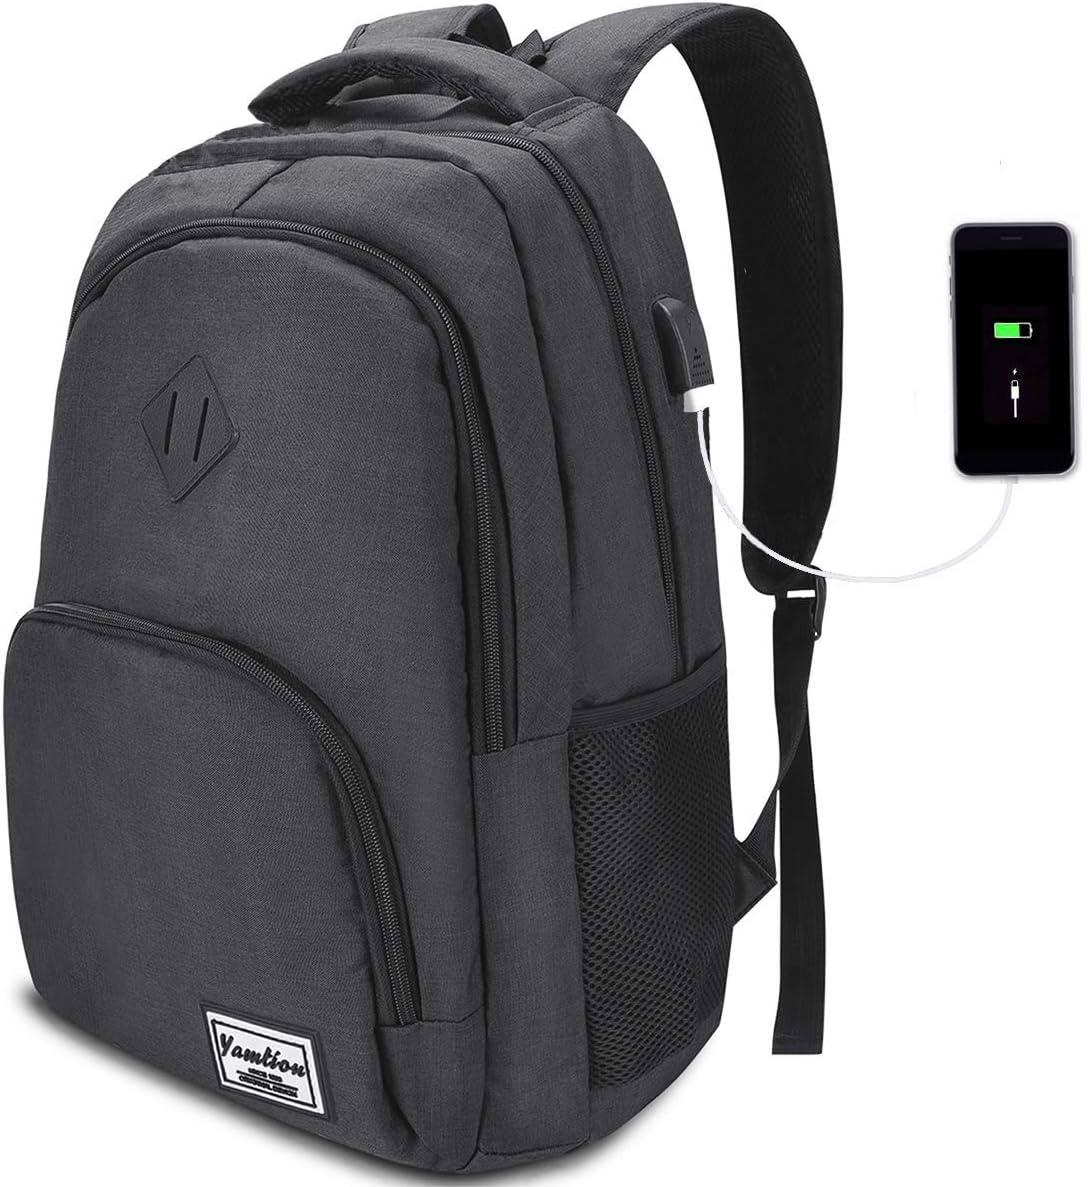 YAMTION 17 Pulgadas Mochila de Portátil con USB Puerto para Escolar Negocio- 35L (17.3 Pulgada, Negro de Carbono)